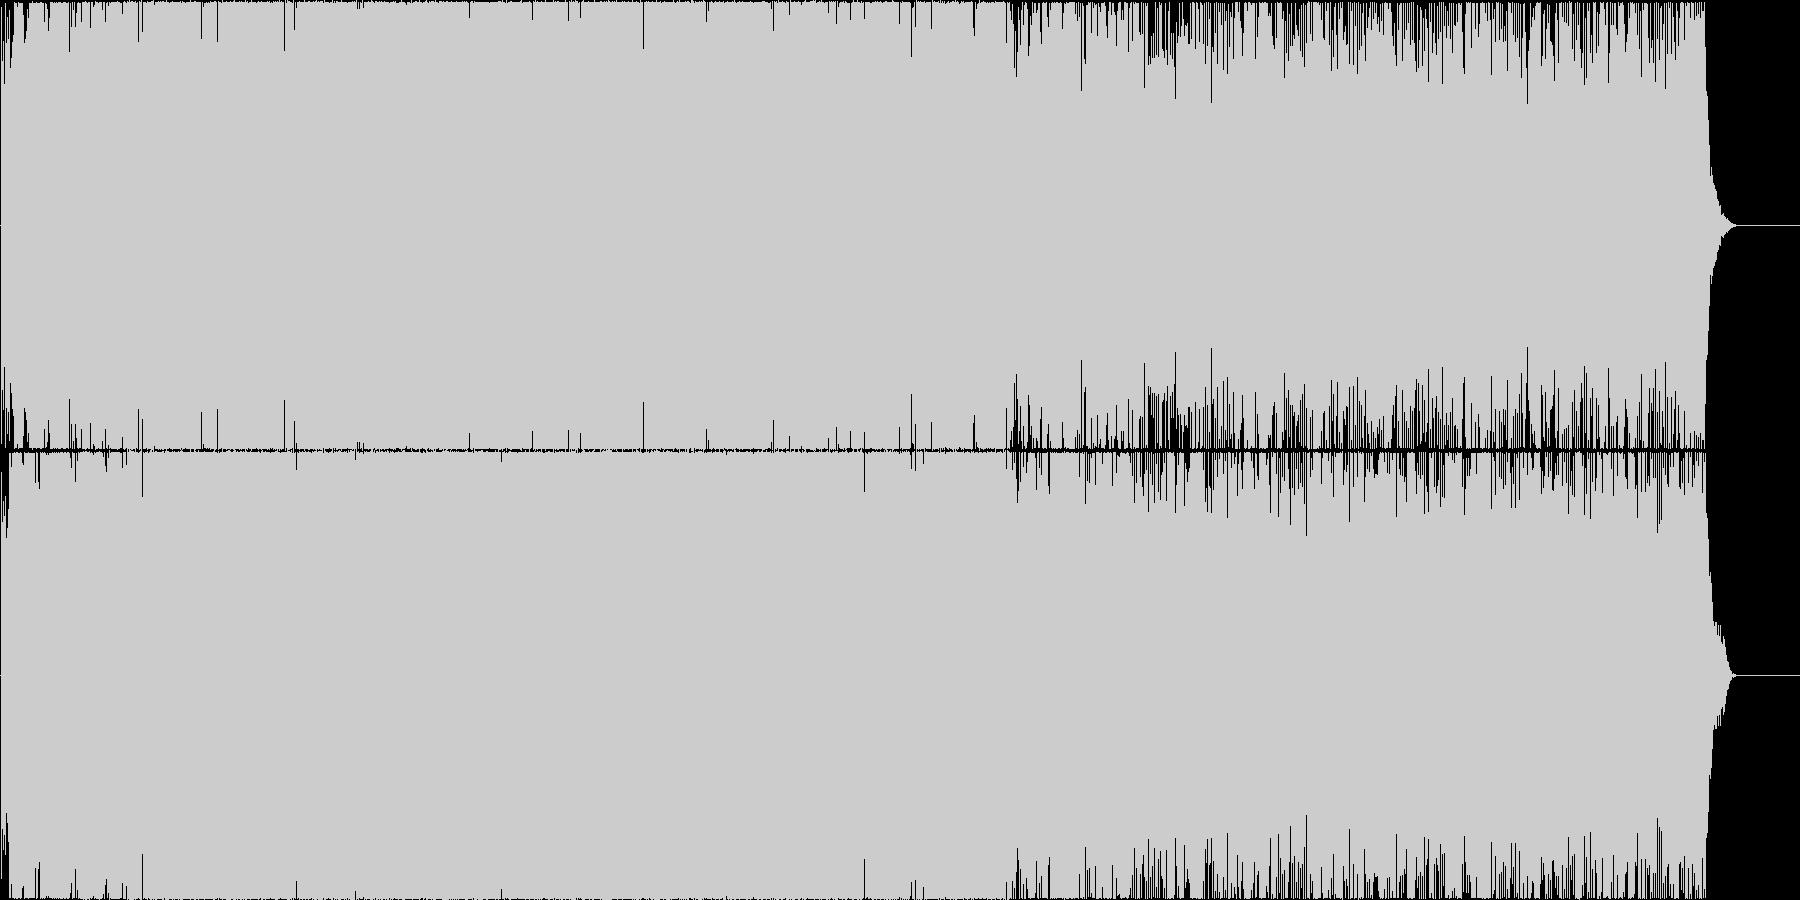 宇宙的なエレクトロ 緊迫感 サウンドロゴの未再生の波形